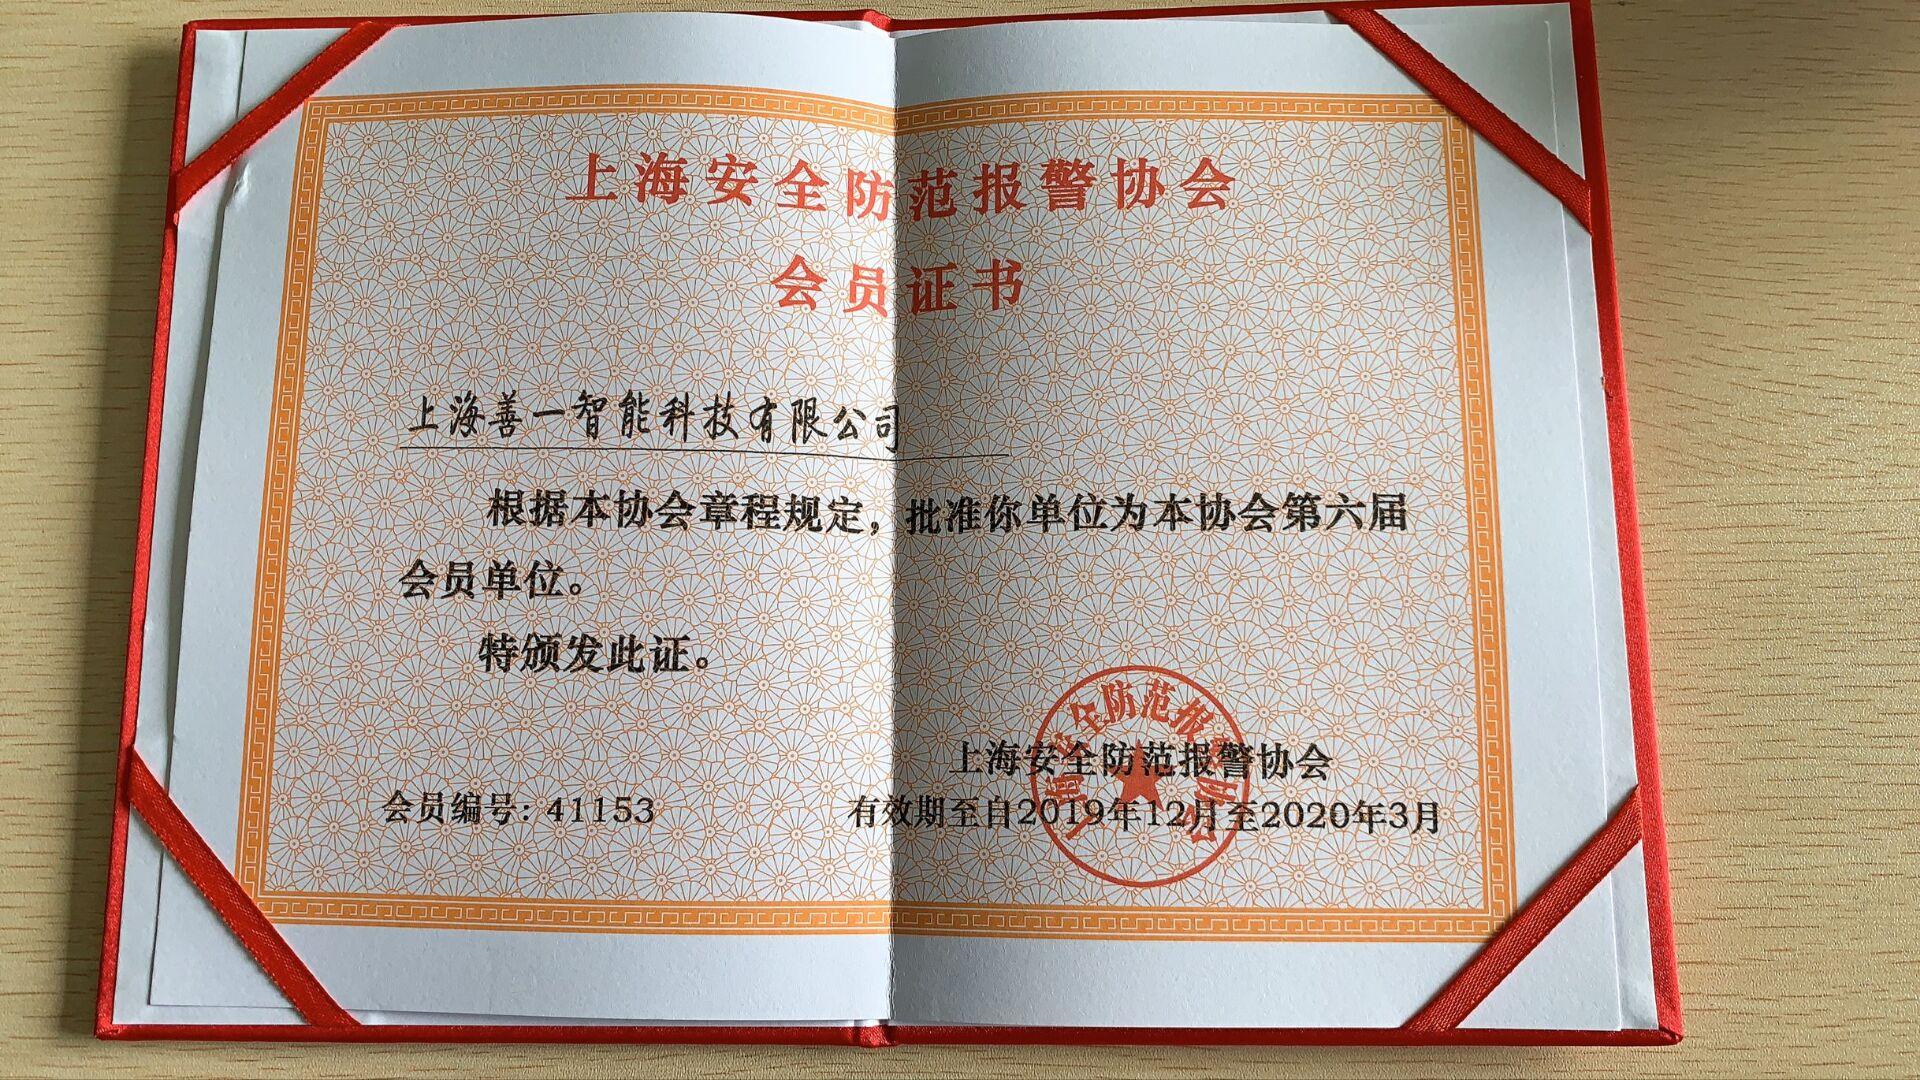 上海安全防范报警协会会员证书